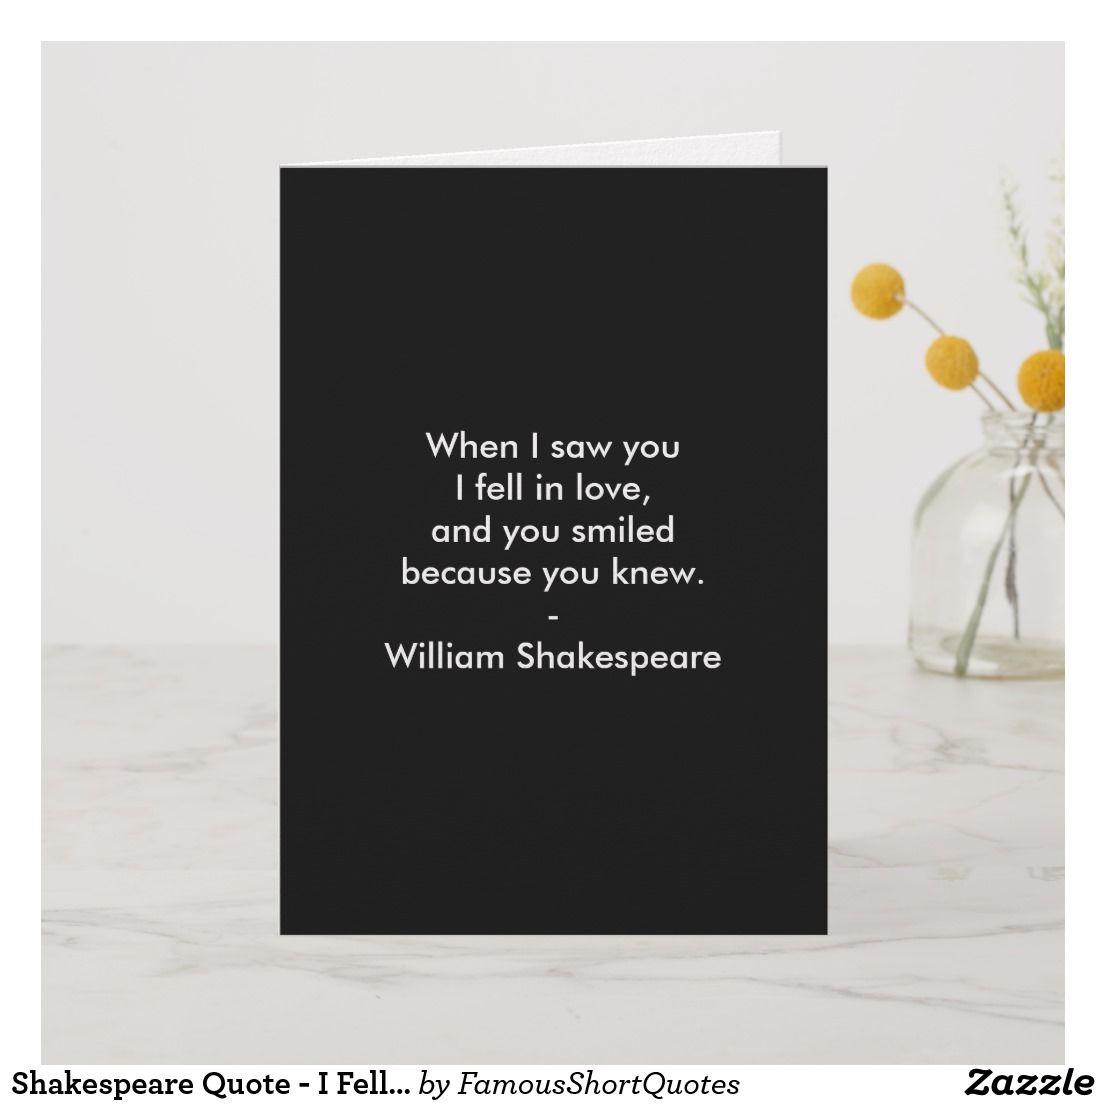 Shakespeare Quote - I Fell In Love Card | Zazzle.com ...